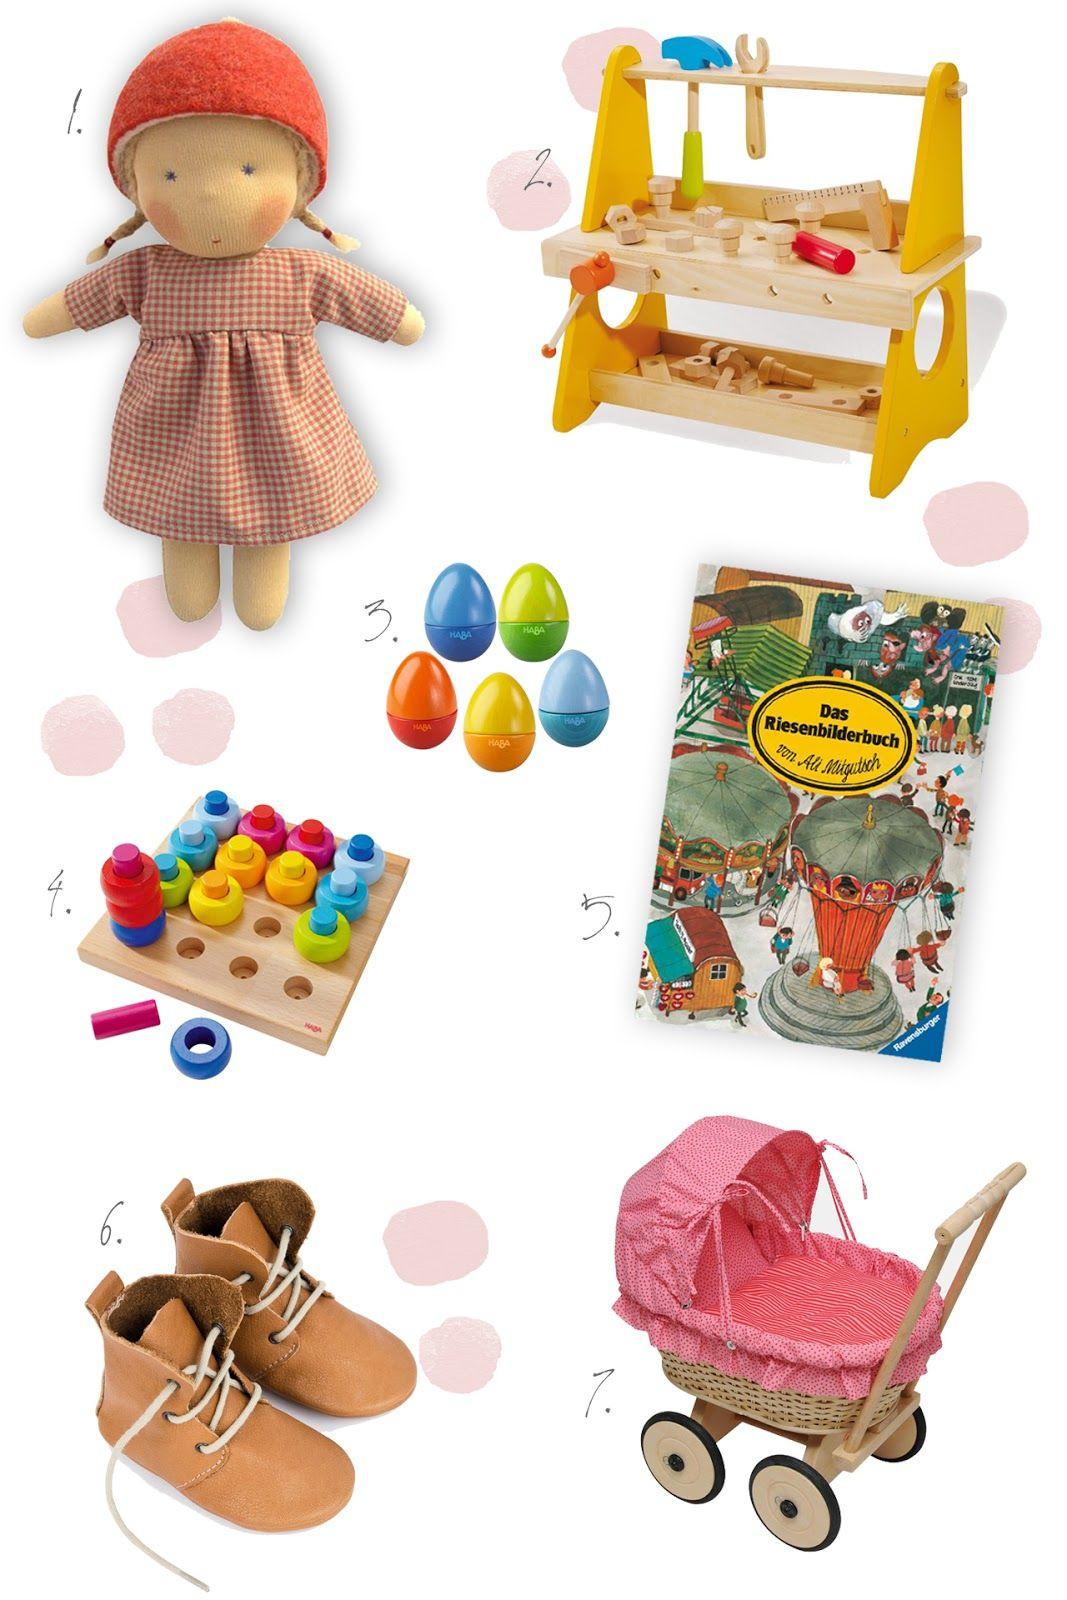 Geschenke Mädchen 2 Jahre  25 einfach schöne Frühlings Aktivitäten für Kinder